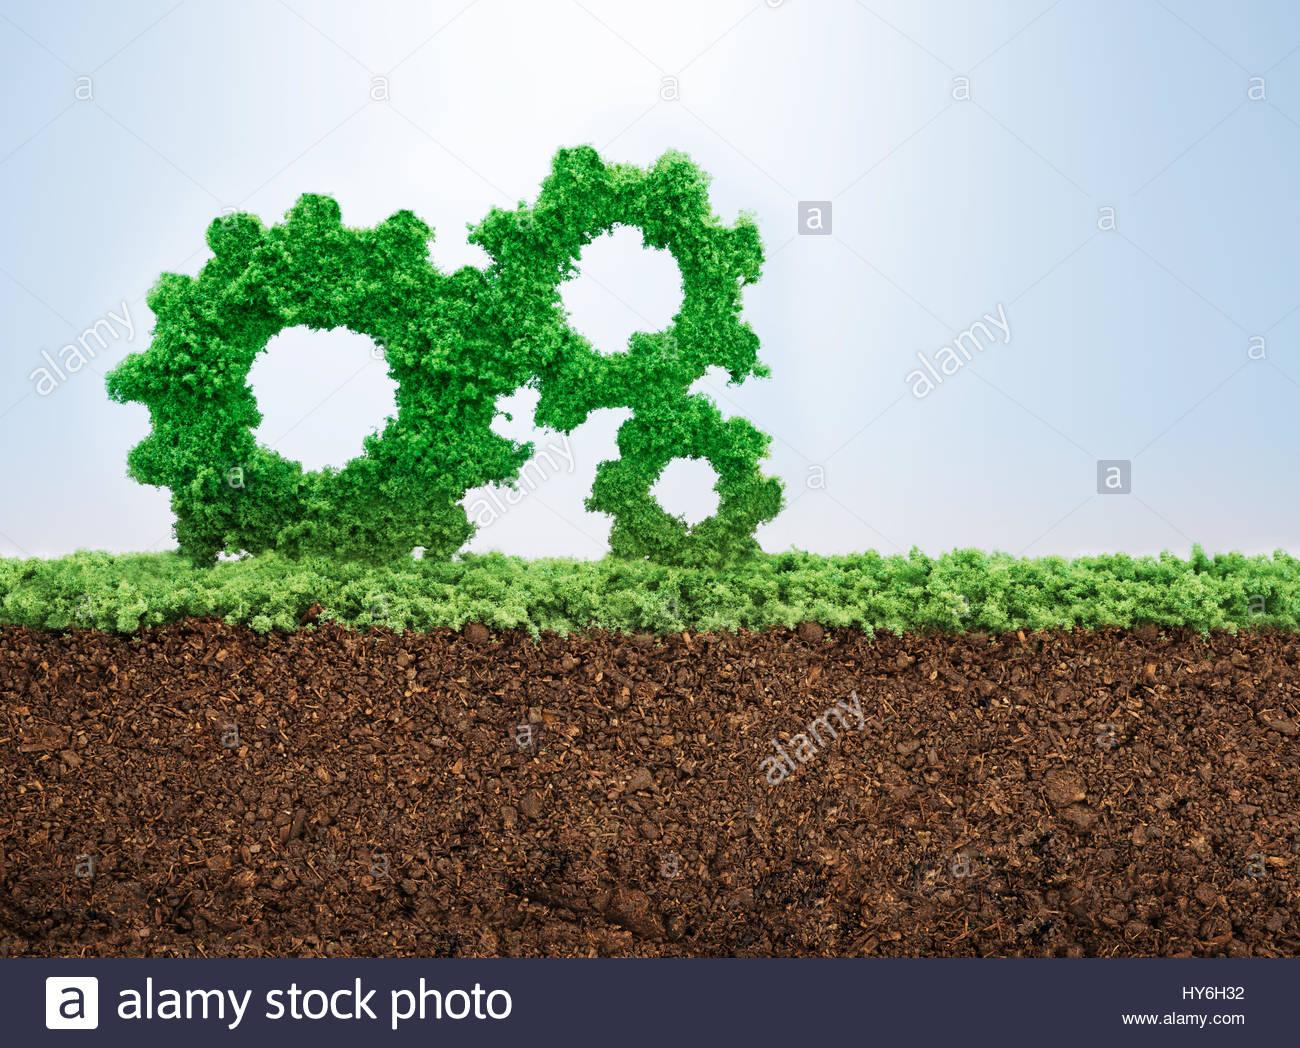 La crescita aziendale concetto con erba che cresce in forma di ruote dentate Immagini Stock